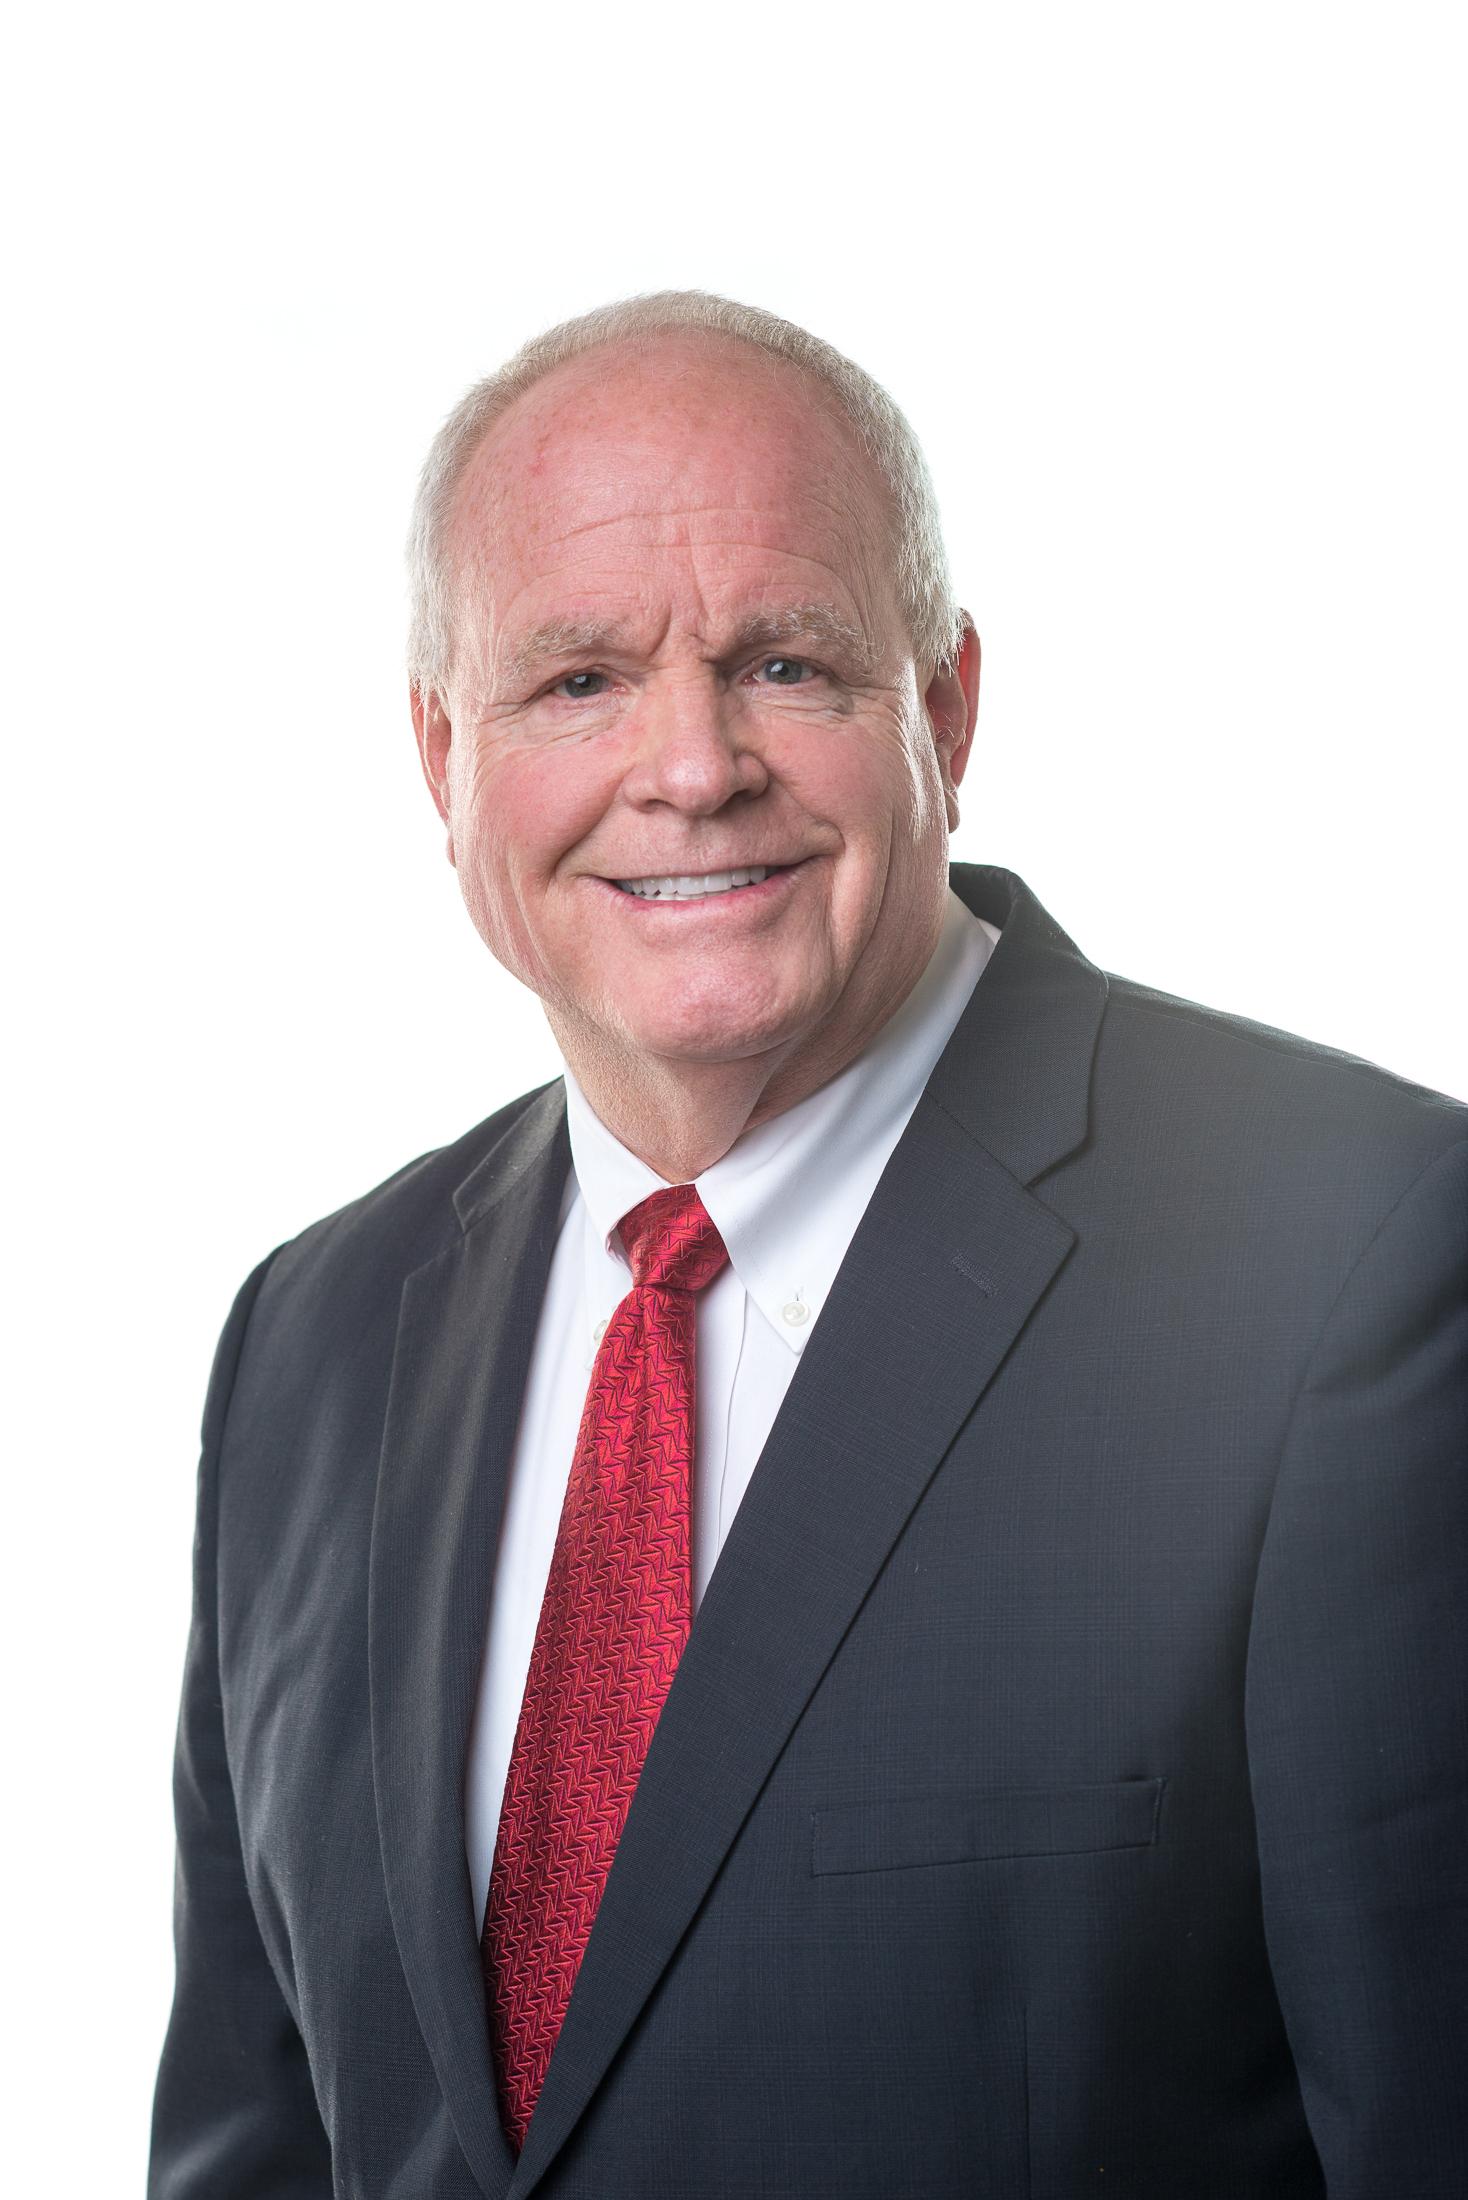 Brett Nilsson, THE BUCKNER COMPANY